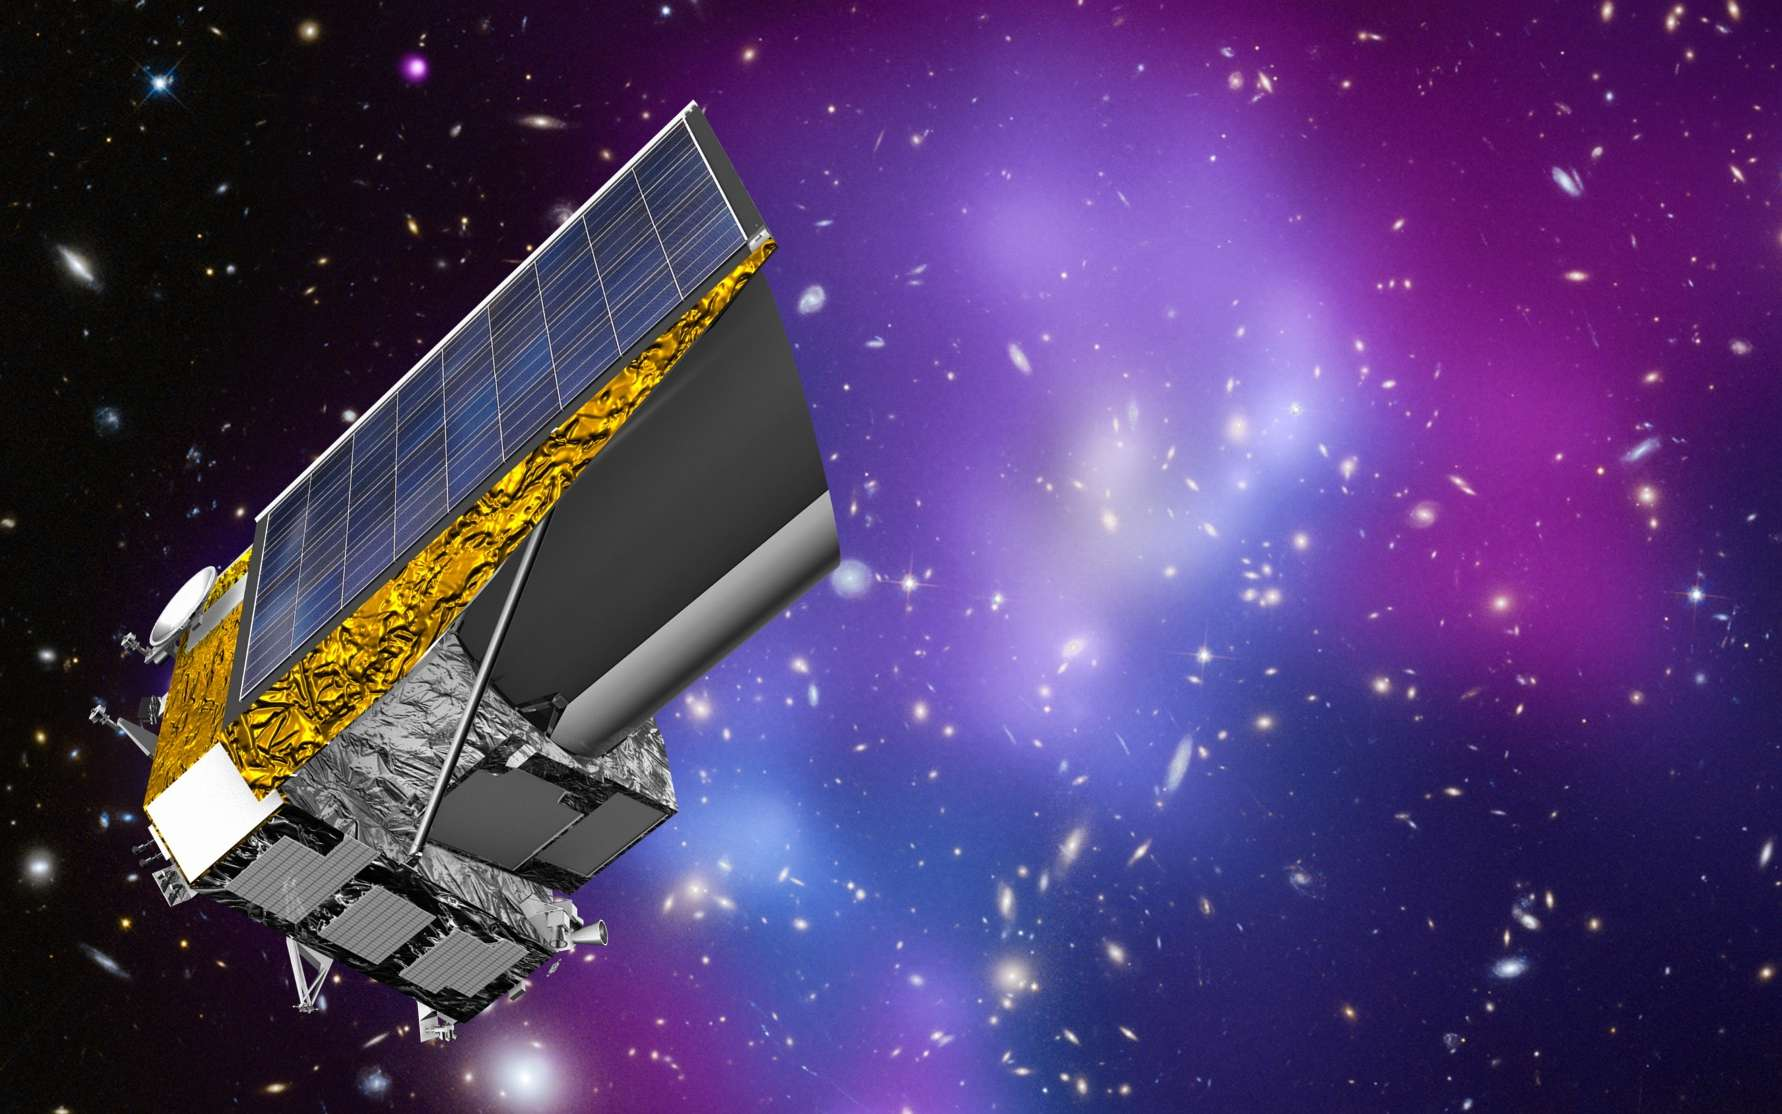 Une simulation géante de l'univers permettra-t-elle de percer les secrets de la matière noire ? Ici, une vue d'artiste de la mission Euclid. © ESA, C. Carreau, CC by-sa 3.0